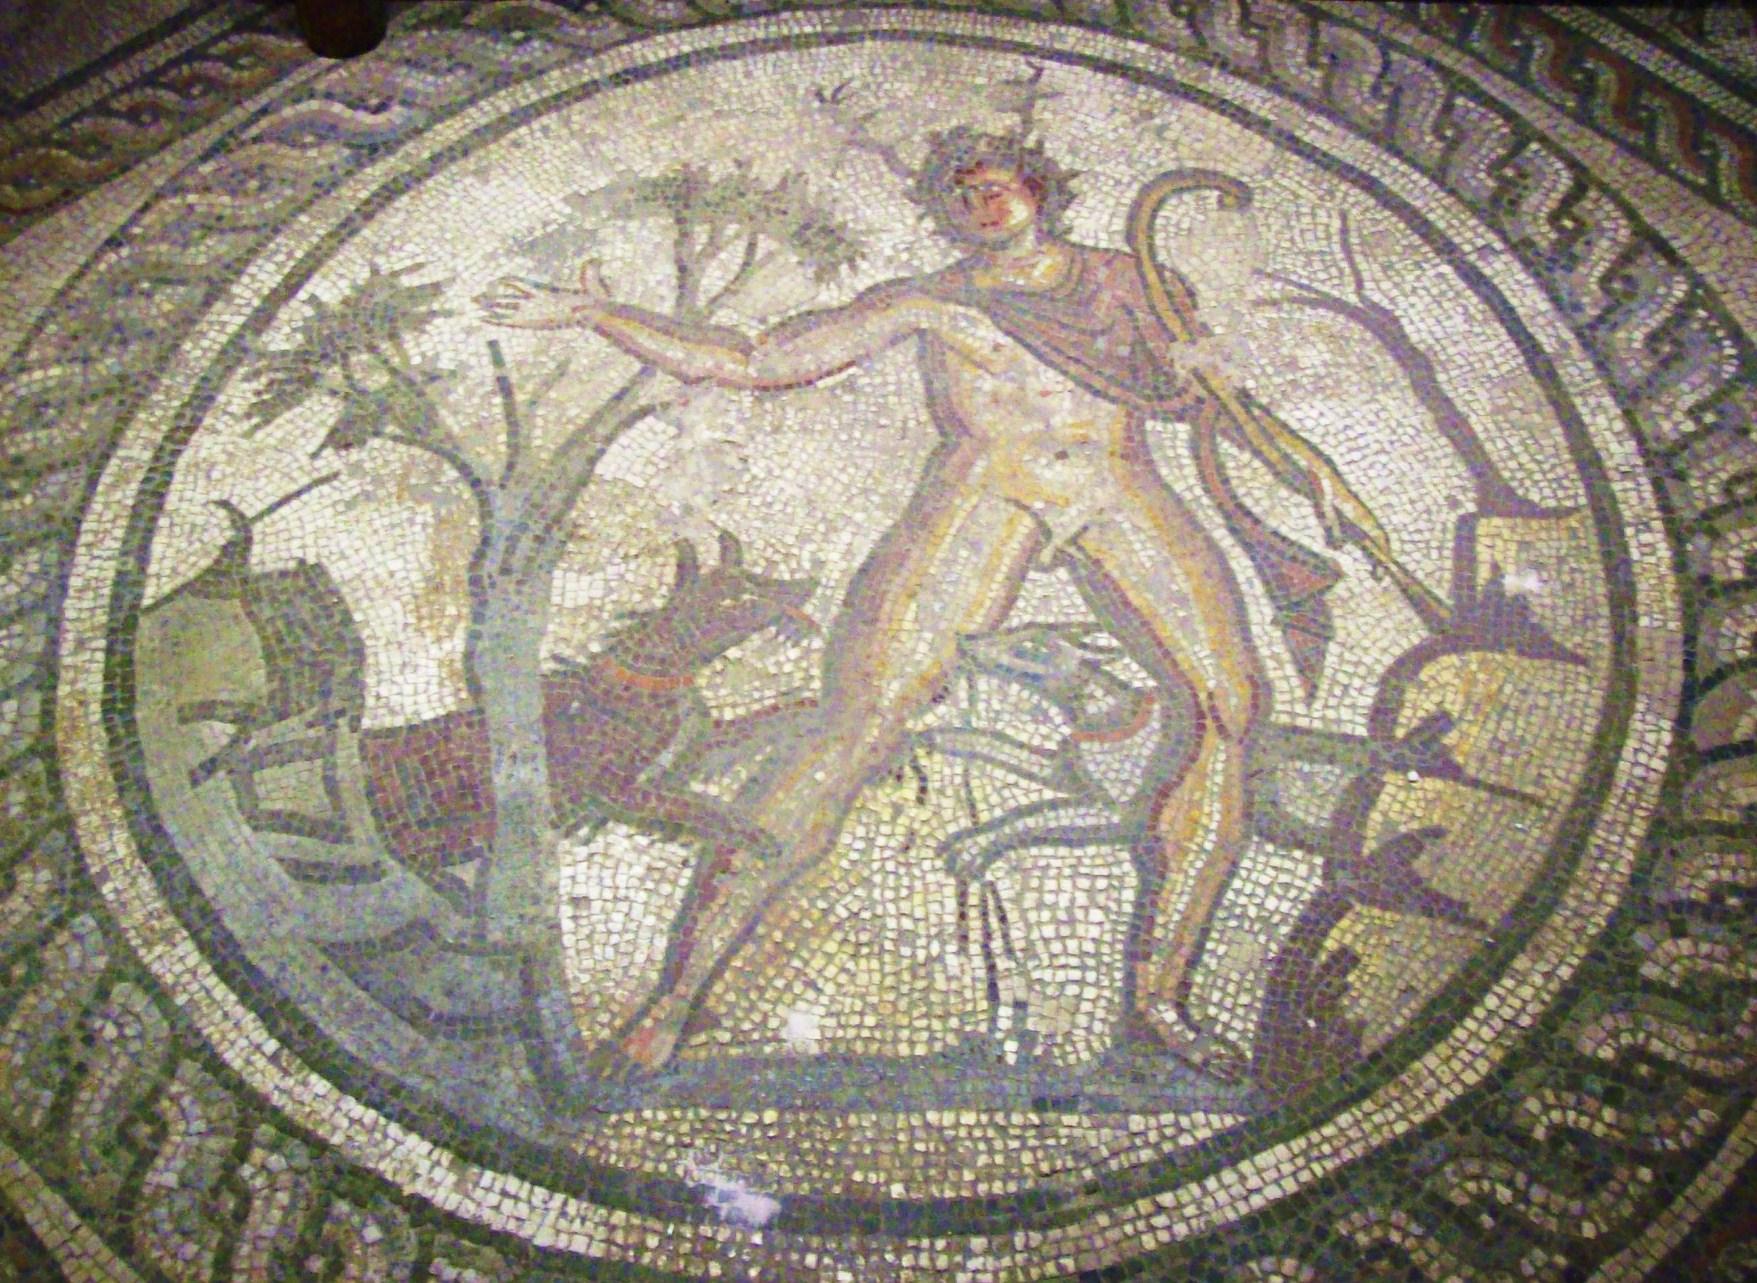 Corinium Museum Mosaics File:actaeon Mosaic Corinium